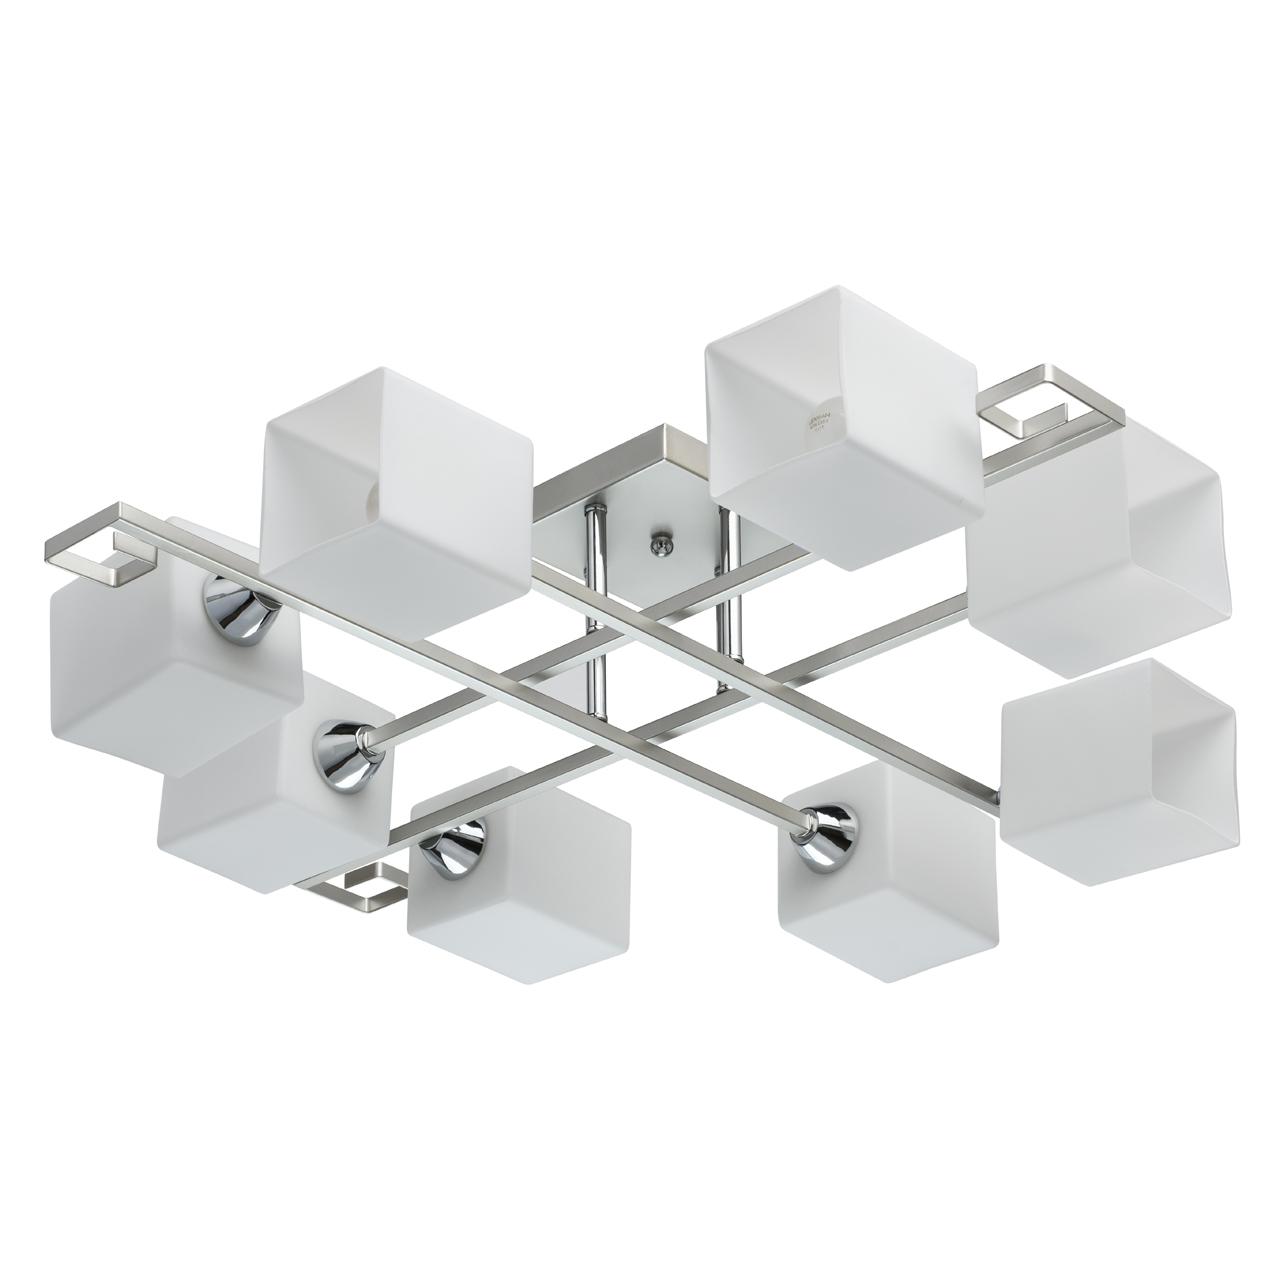 Geometryczna lampa sufitowa, 8-żarówek, białe klosze DeMarkt Megapolis